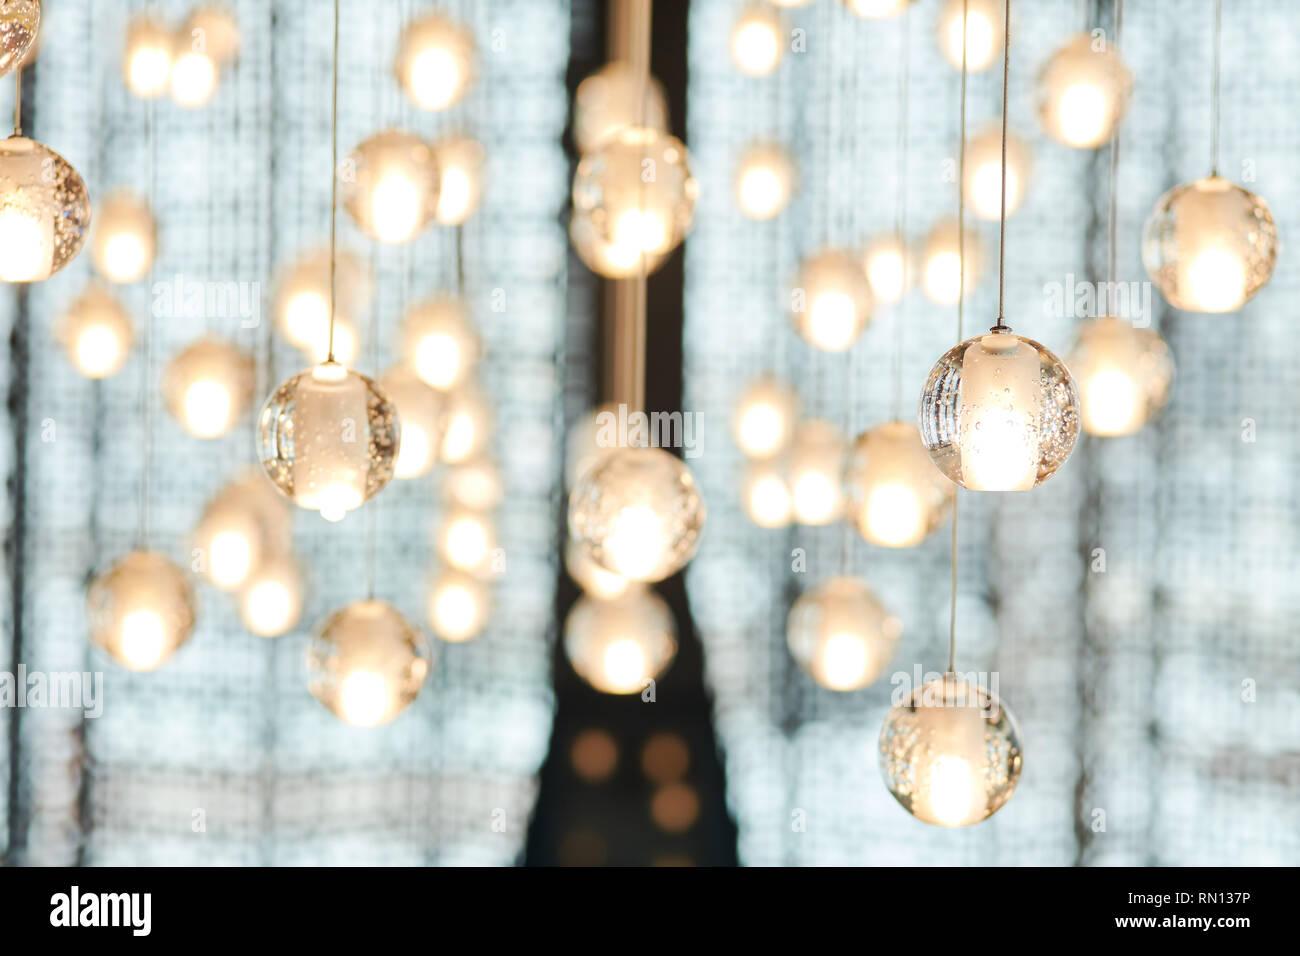 Silver Crystal Kleine Kugeln Hängen Von Der Decke Als Dekoration